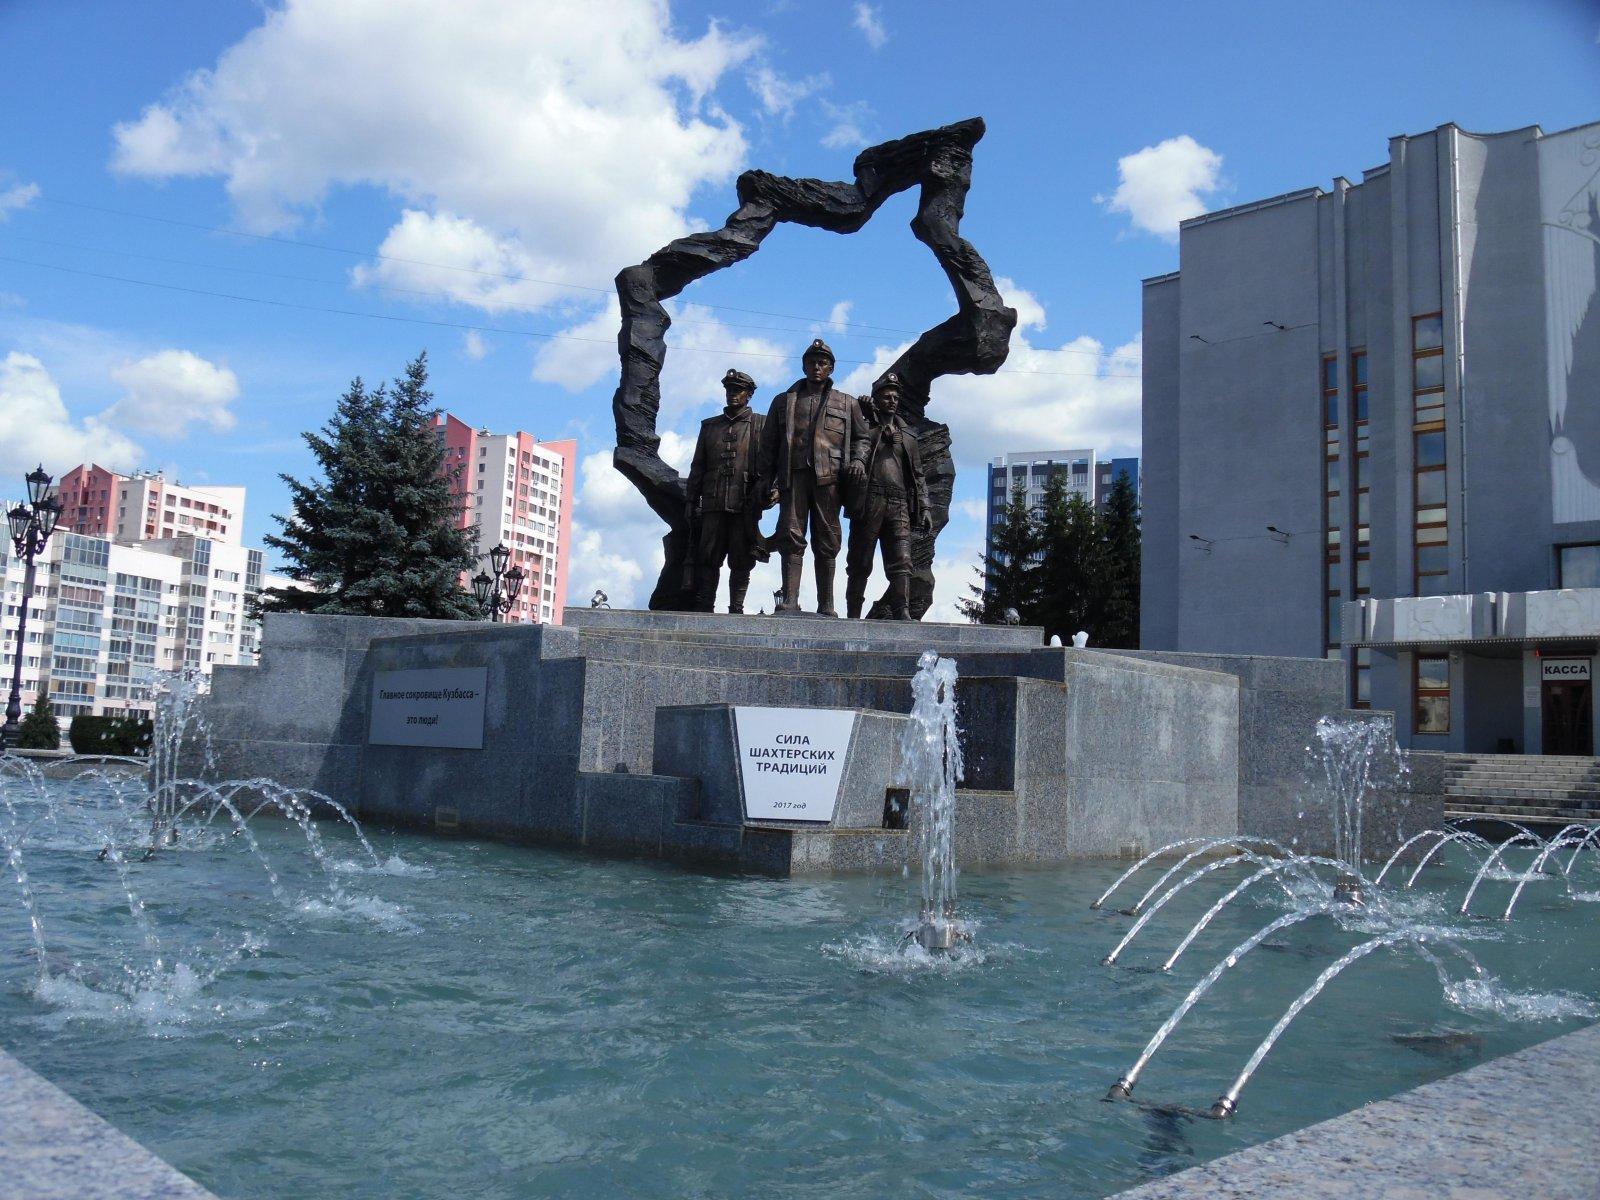 Монумент «Сила традиций шахтеров»